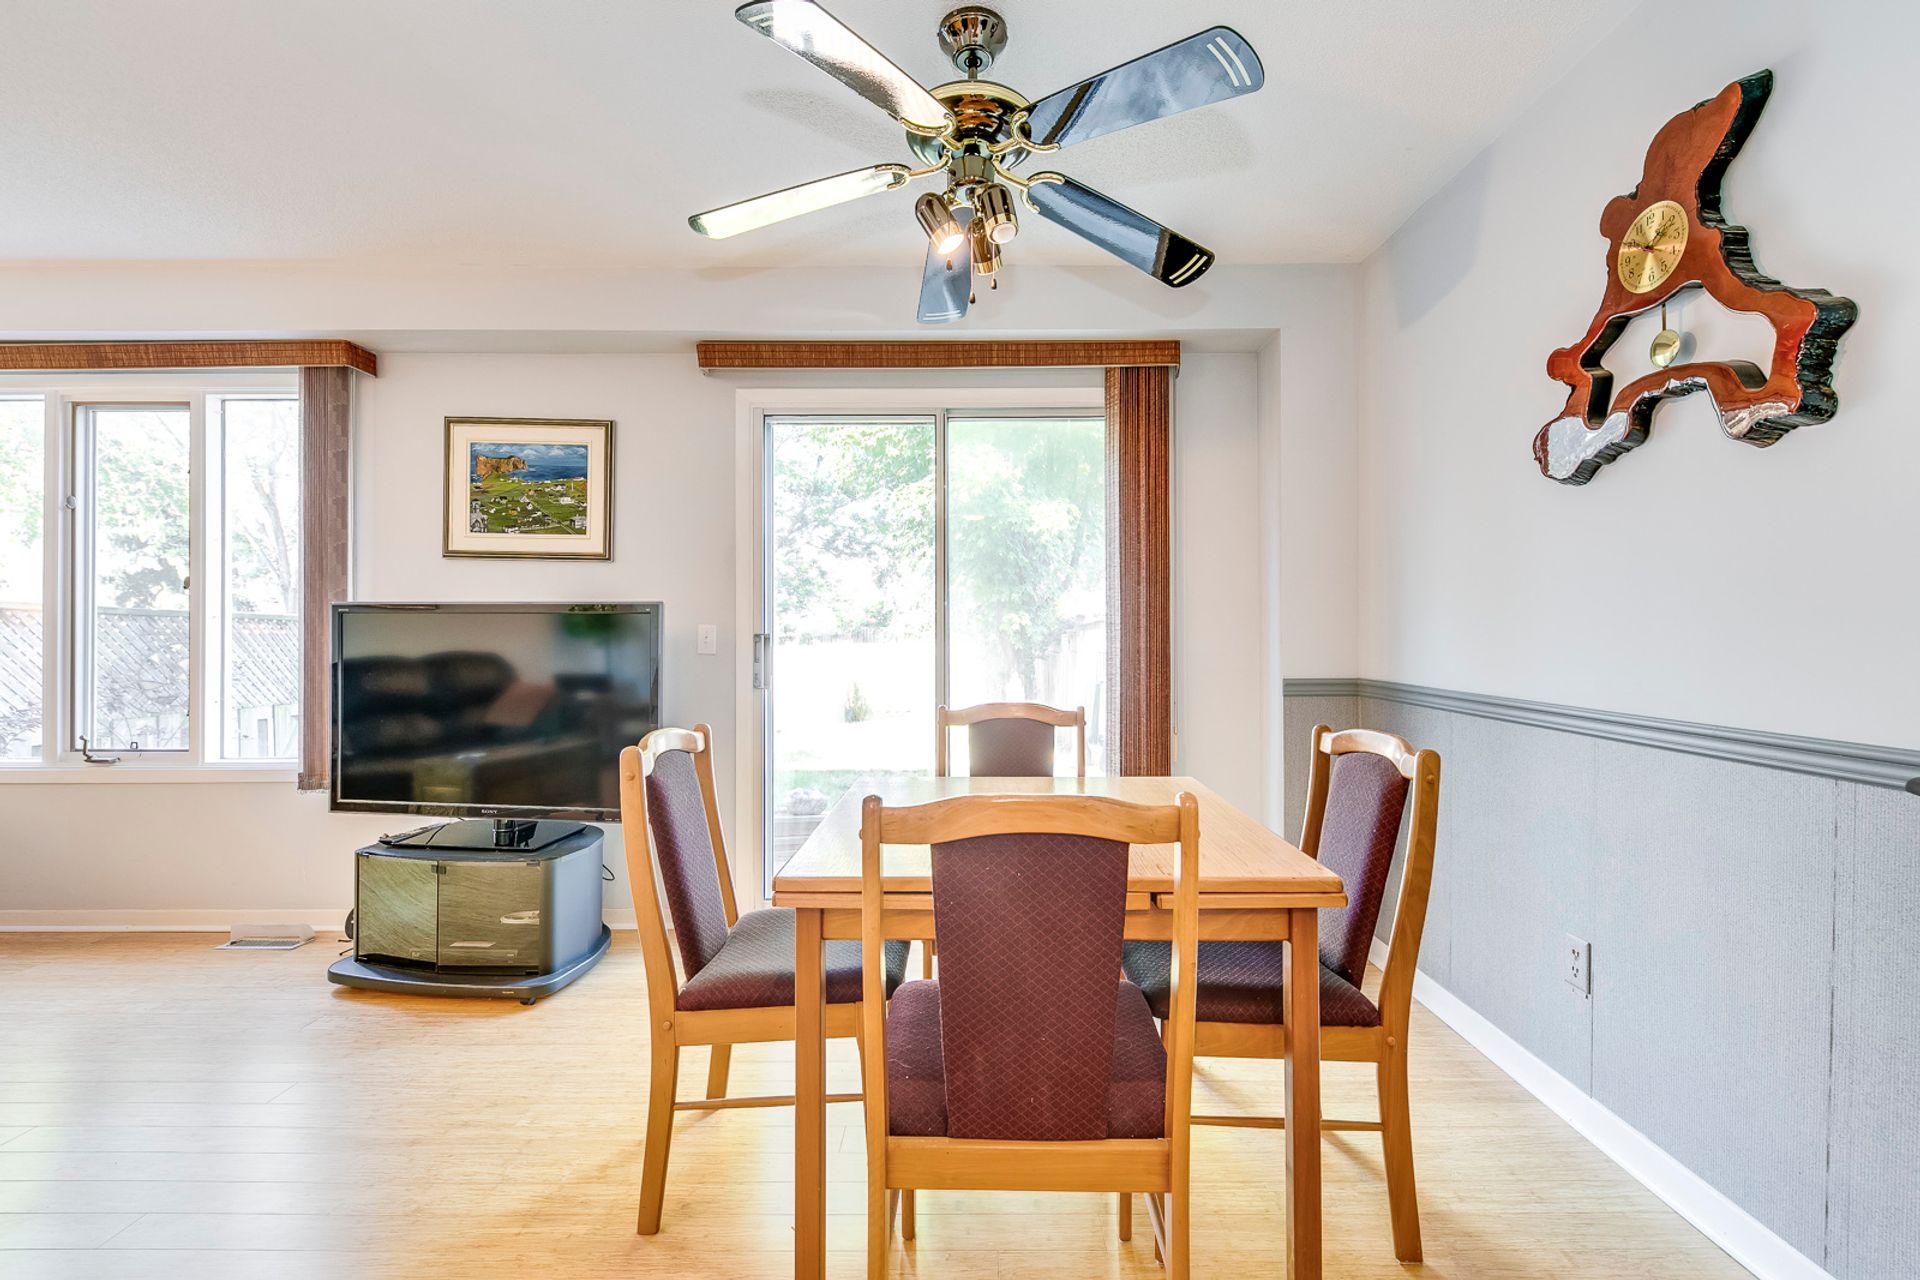 Dining Room - 2416 Stefi Tr, Oakville - Elite3 & Team at 2416 Stefi Trail, River Oaks, Oakville